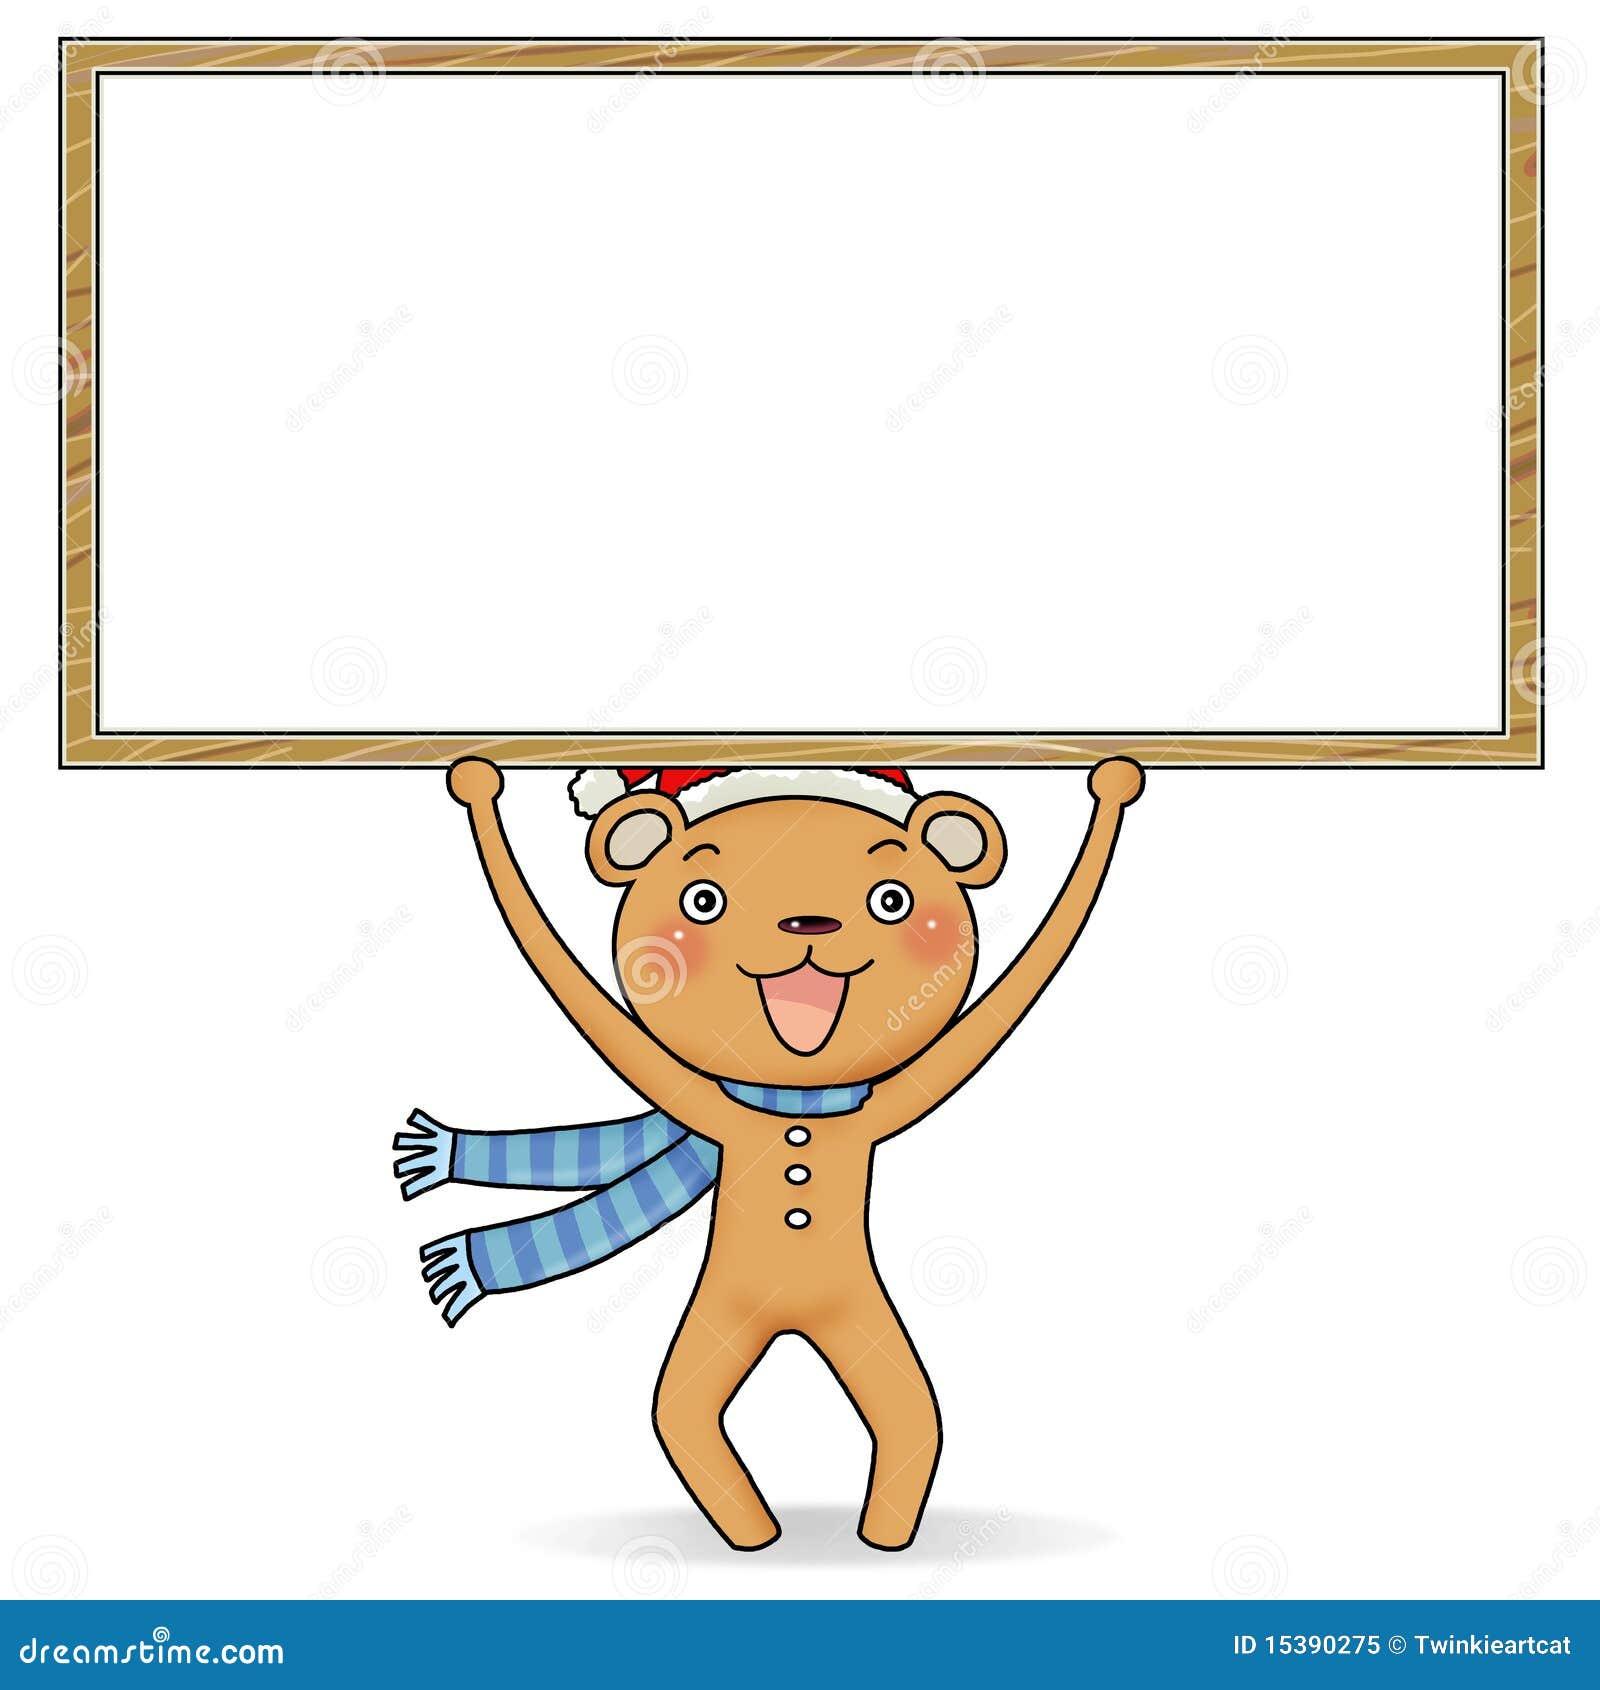 Cartoon Notice Board Stock Photos - Image: 6453353